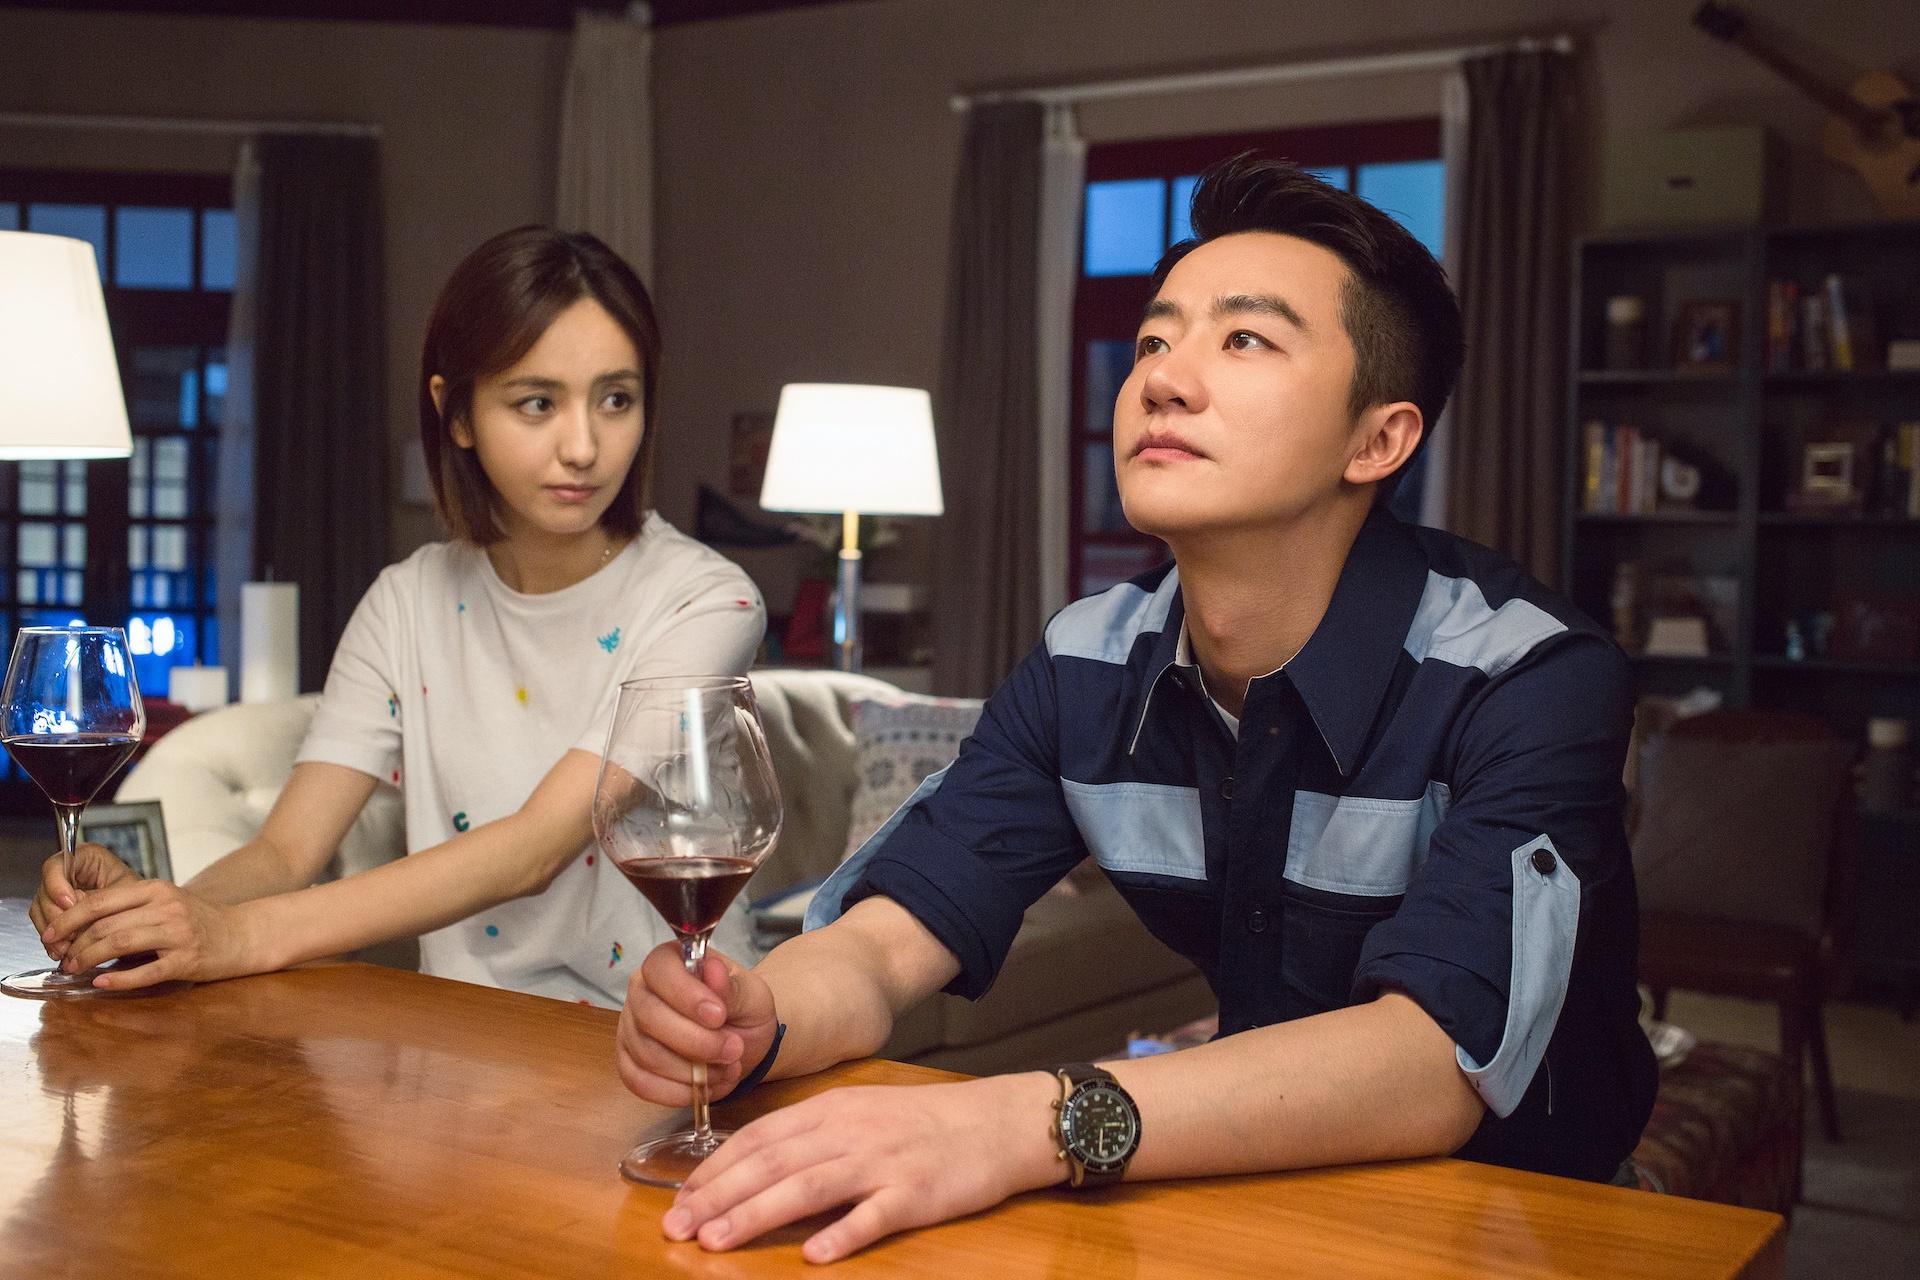 《完美关系》热播黄轩被赞演技细腻